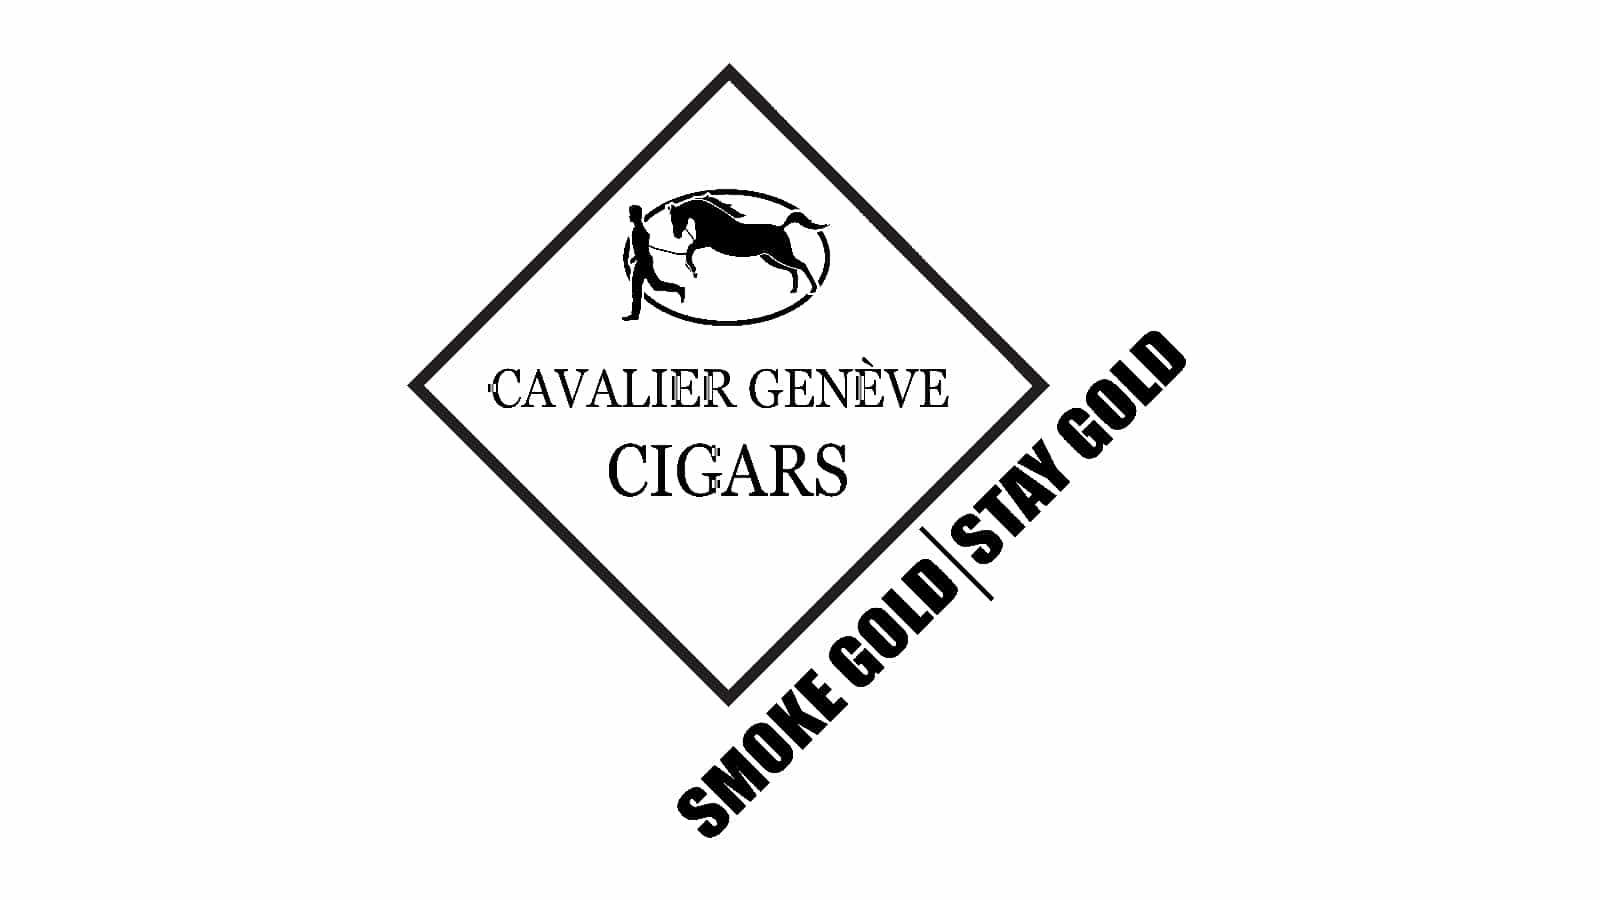 Cavalier_cigars_logo